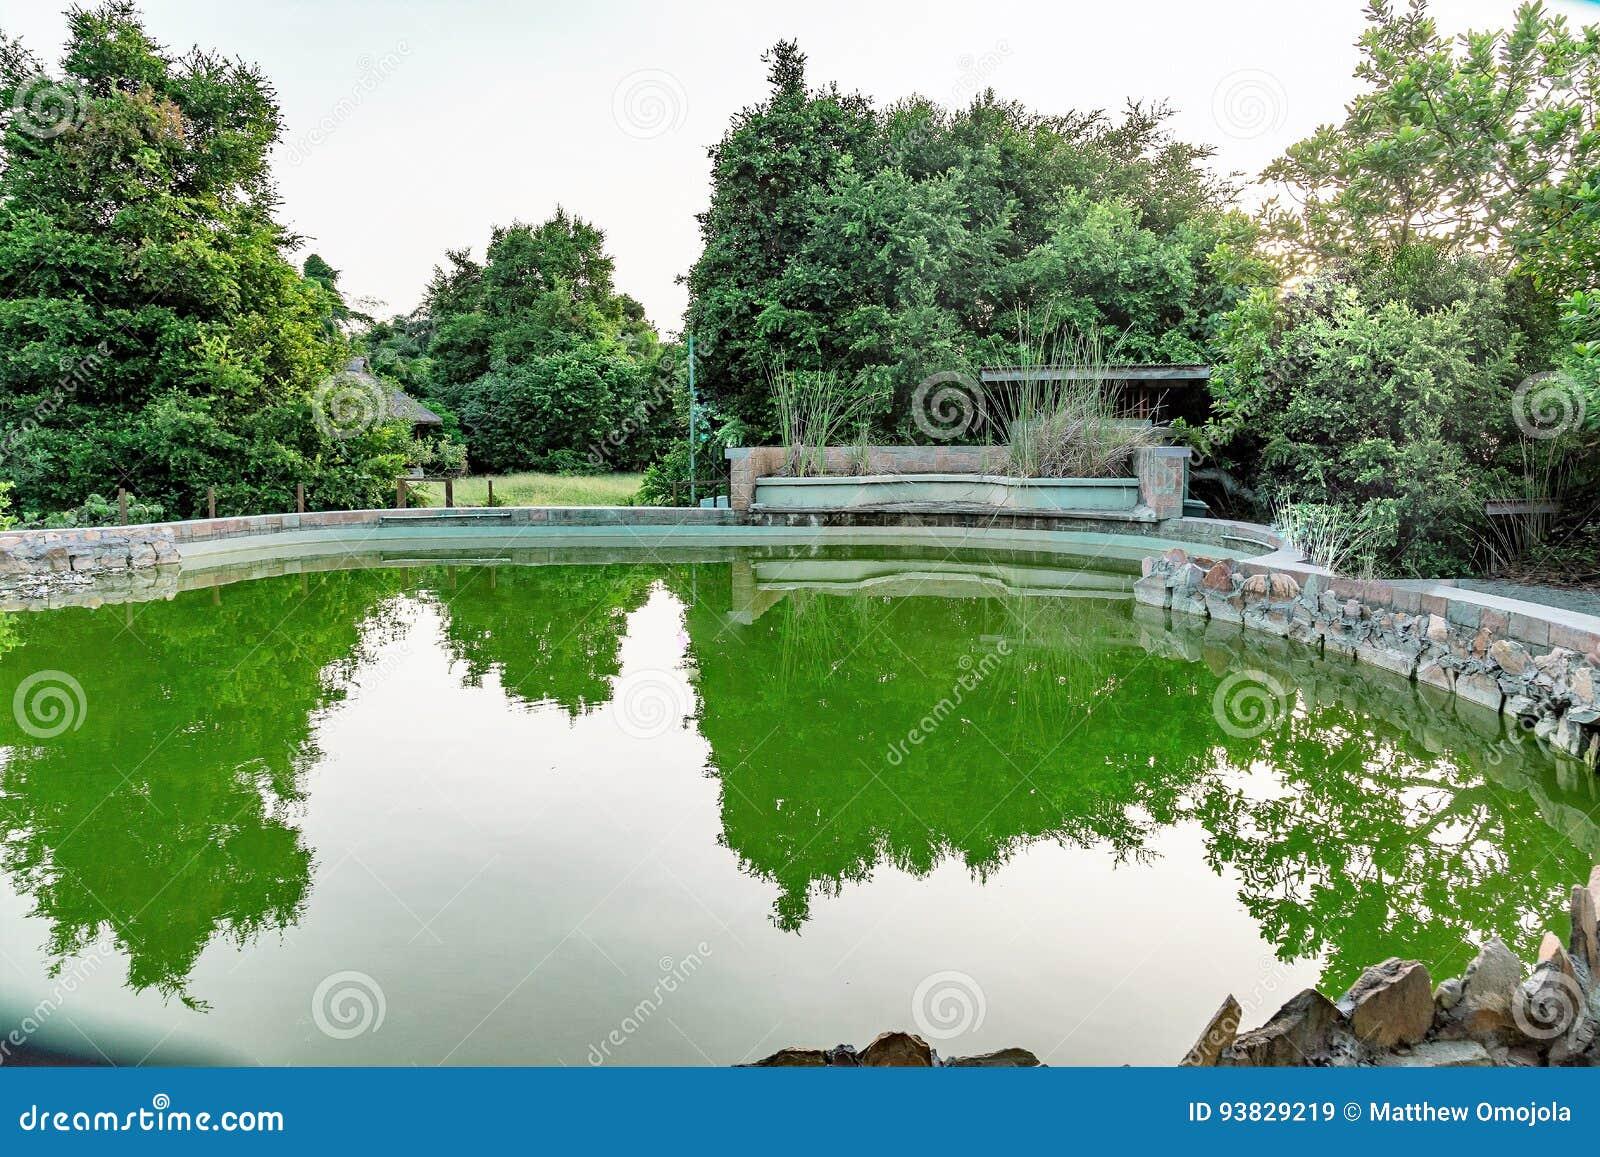 Estanques peces affordable consejos para un buen de tu - Estanque jardin leroy merlin ...